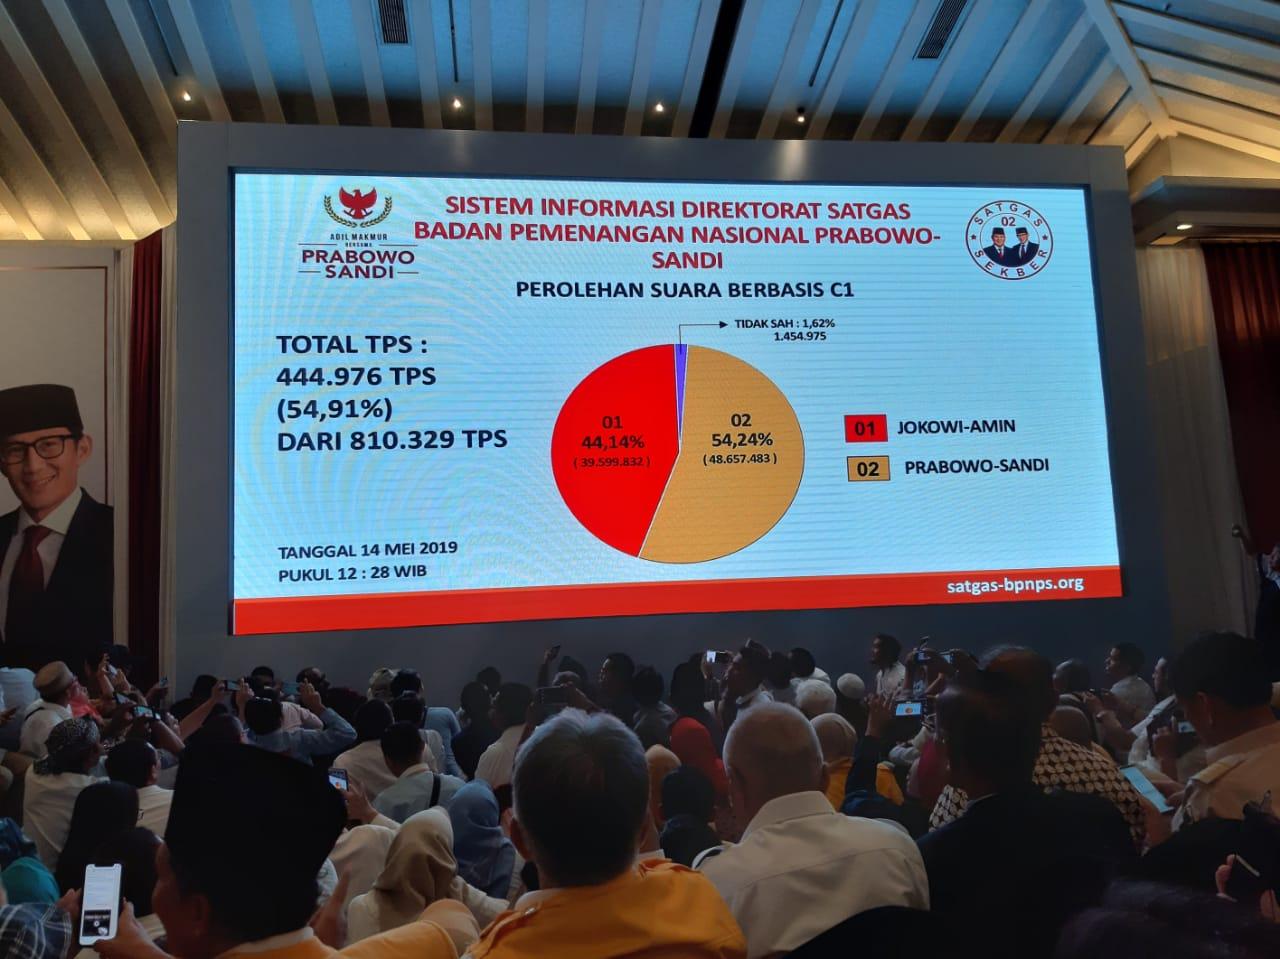 BPN Beberkan Fakta Mencengangkan Soal C1, Singgung Perampokan